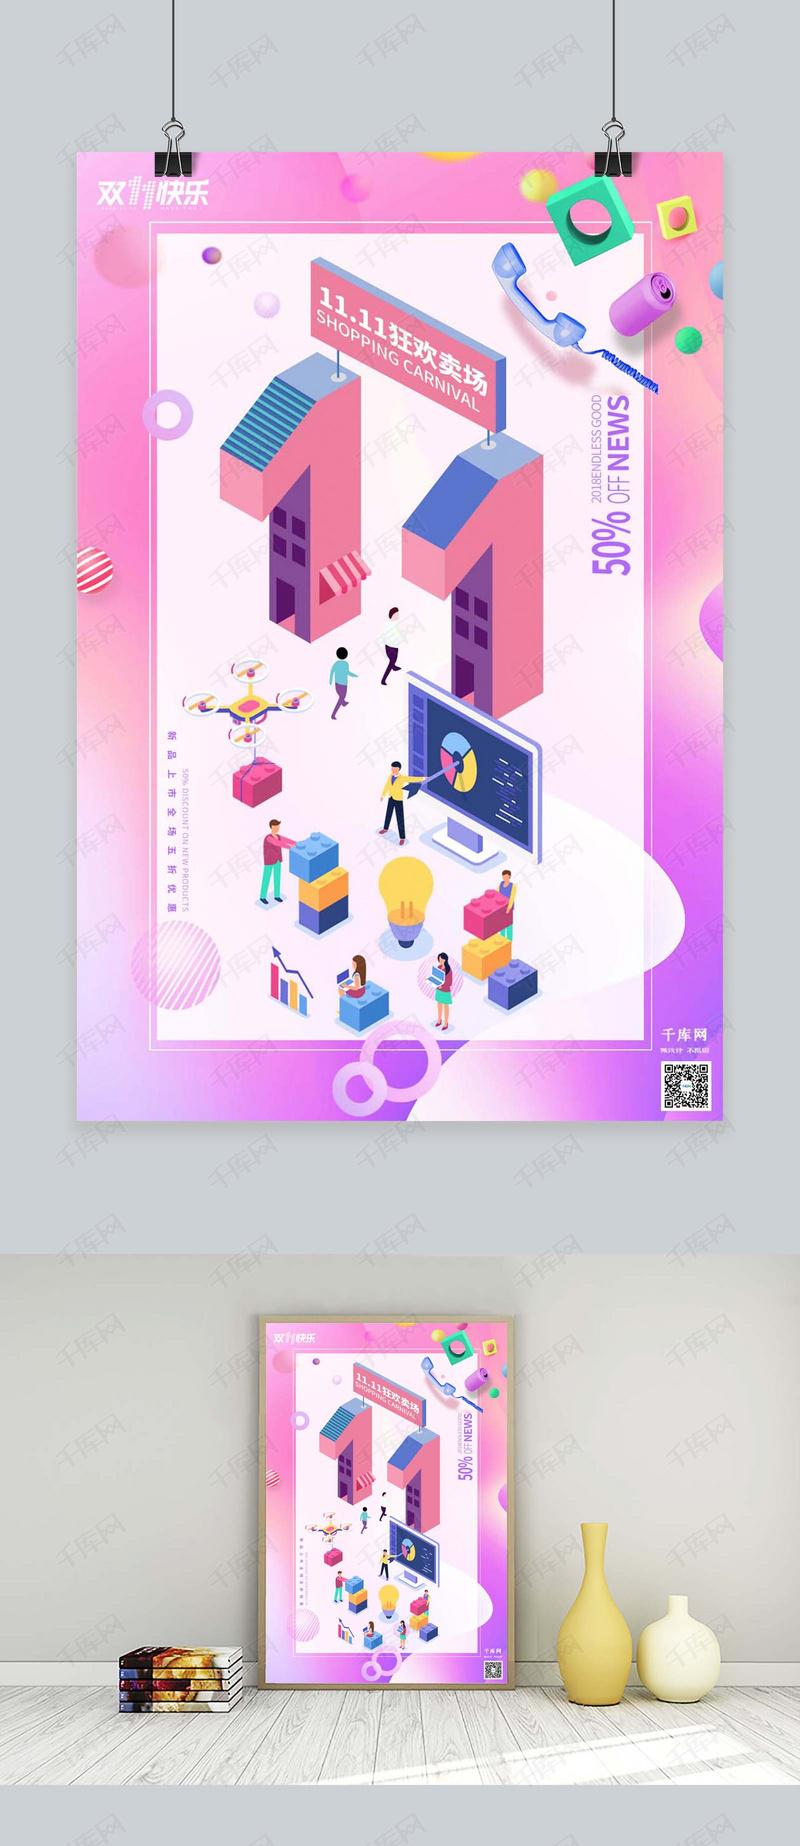 千库原创双十一狂欢卖场双11购物节快乐购物海报